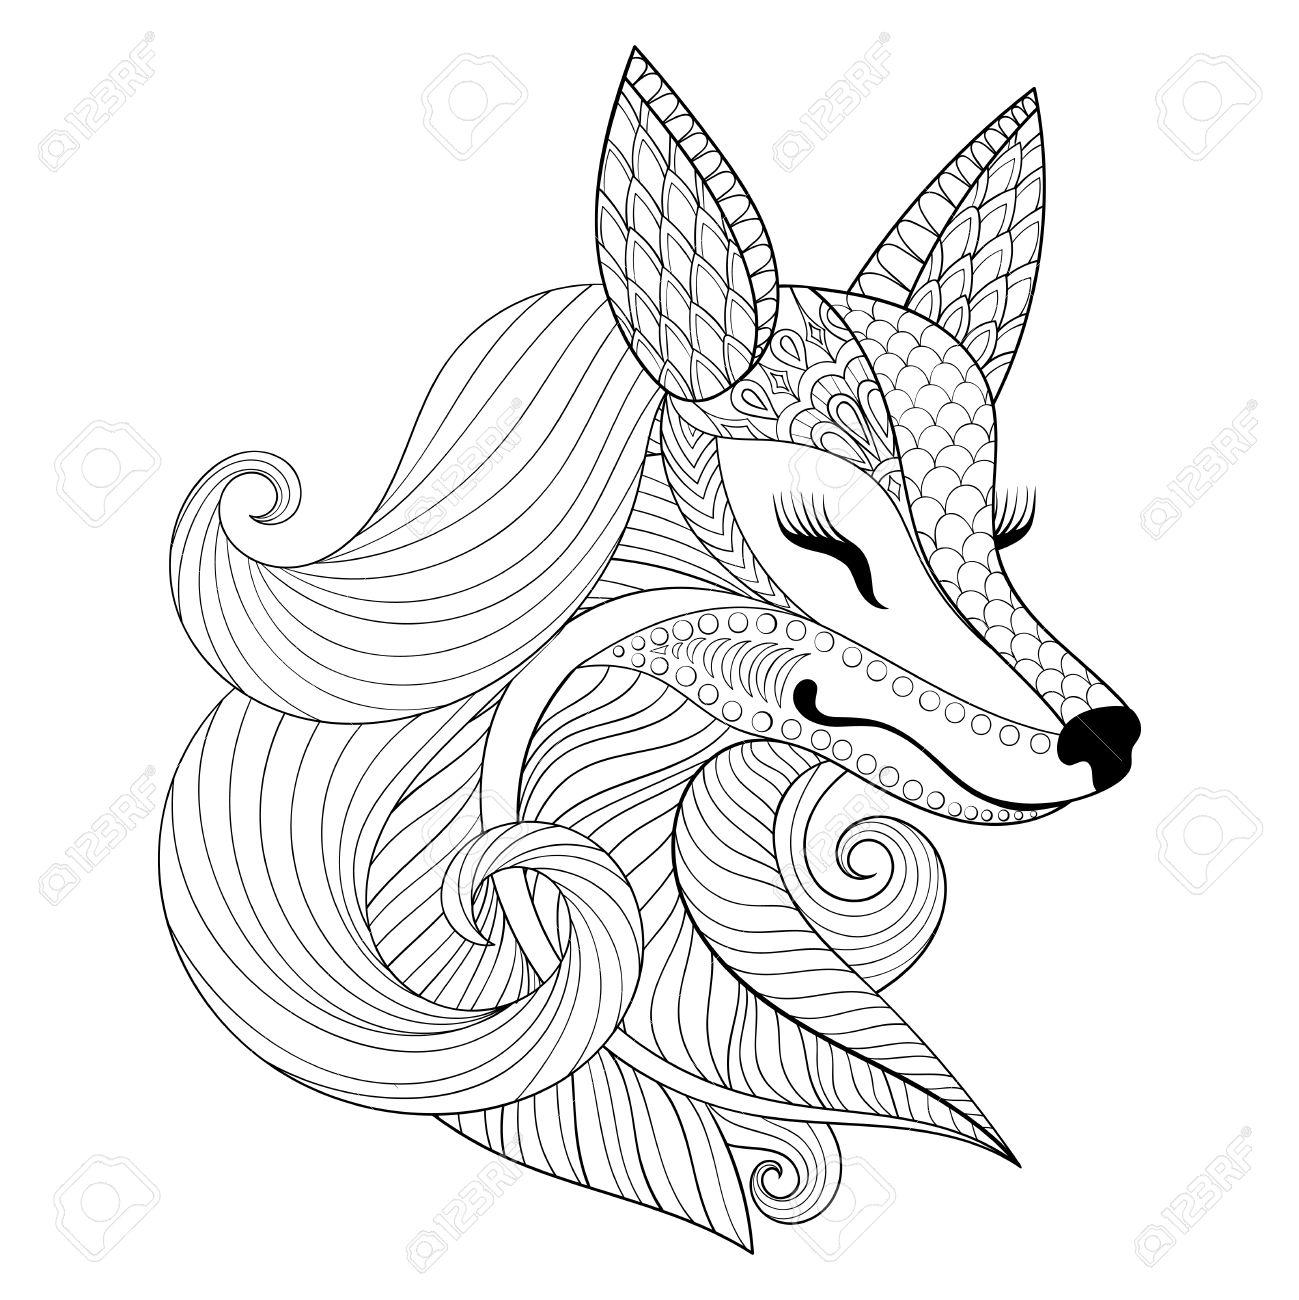 モノクロ落書きスタイルでキツネ顔野生動物大人のぬり絵書籍芸術